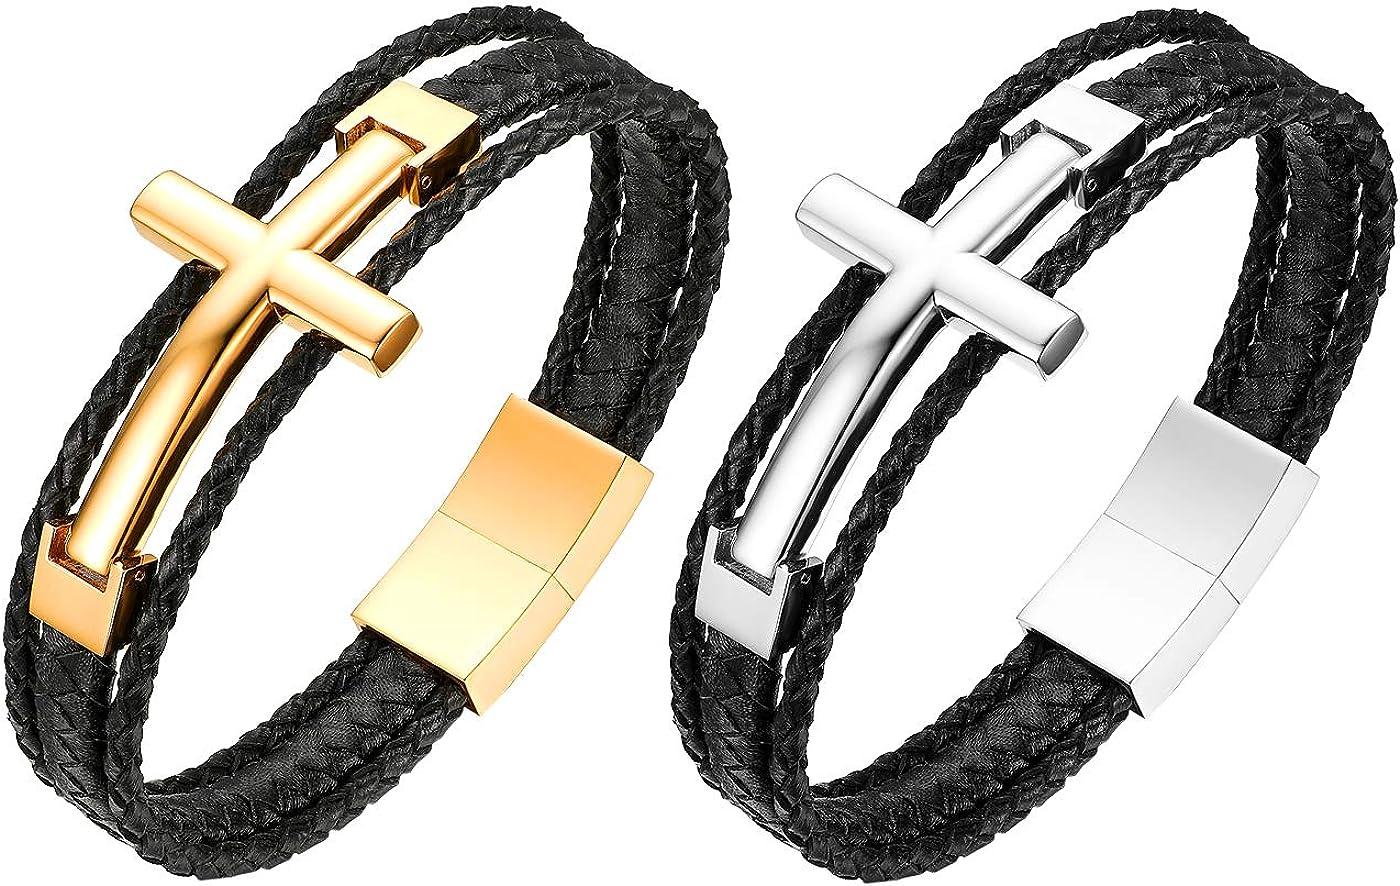 Flongo Bracelet en Cuir Croix J/ésus Christ Acier Inoxydable Bracelet Machette Multi-Rangs Couleur Argent//Or pour Homme Biker Motard